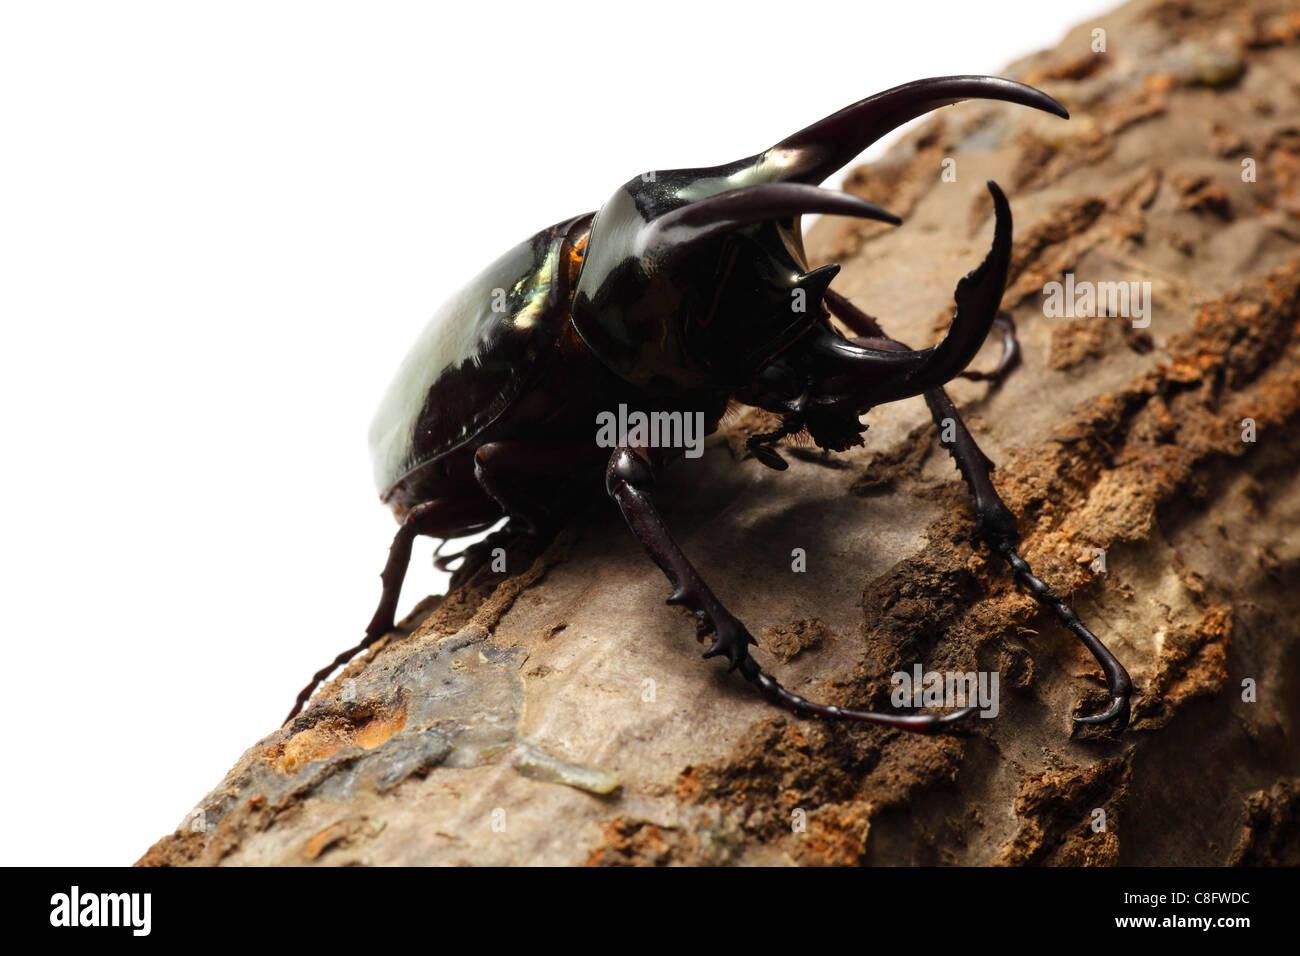 Atlas beetle - Stock Image